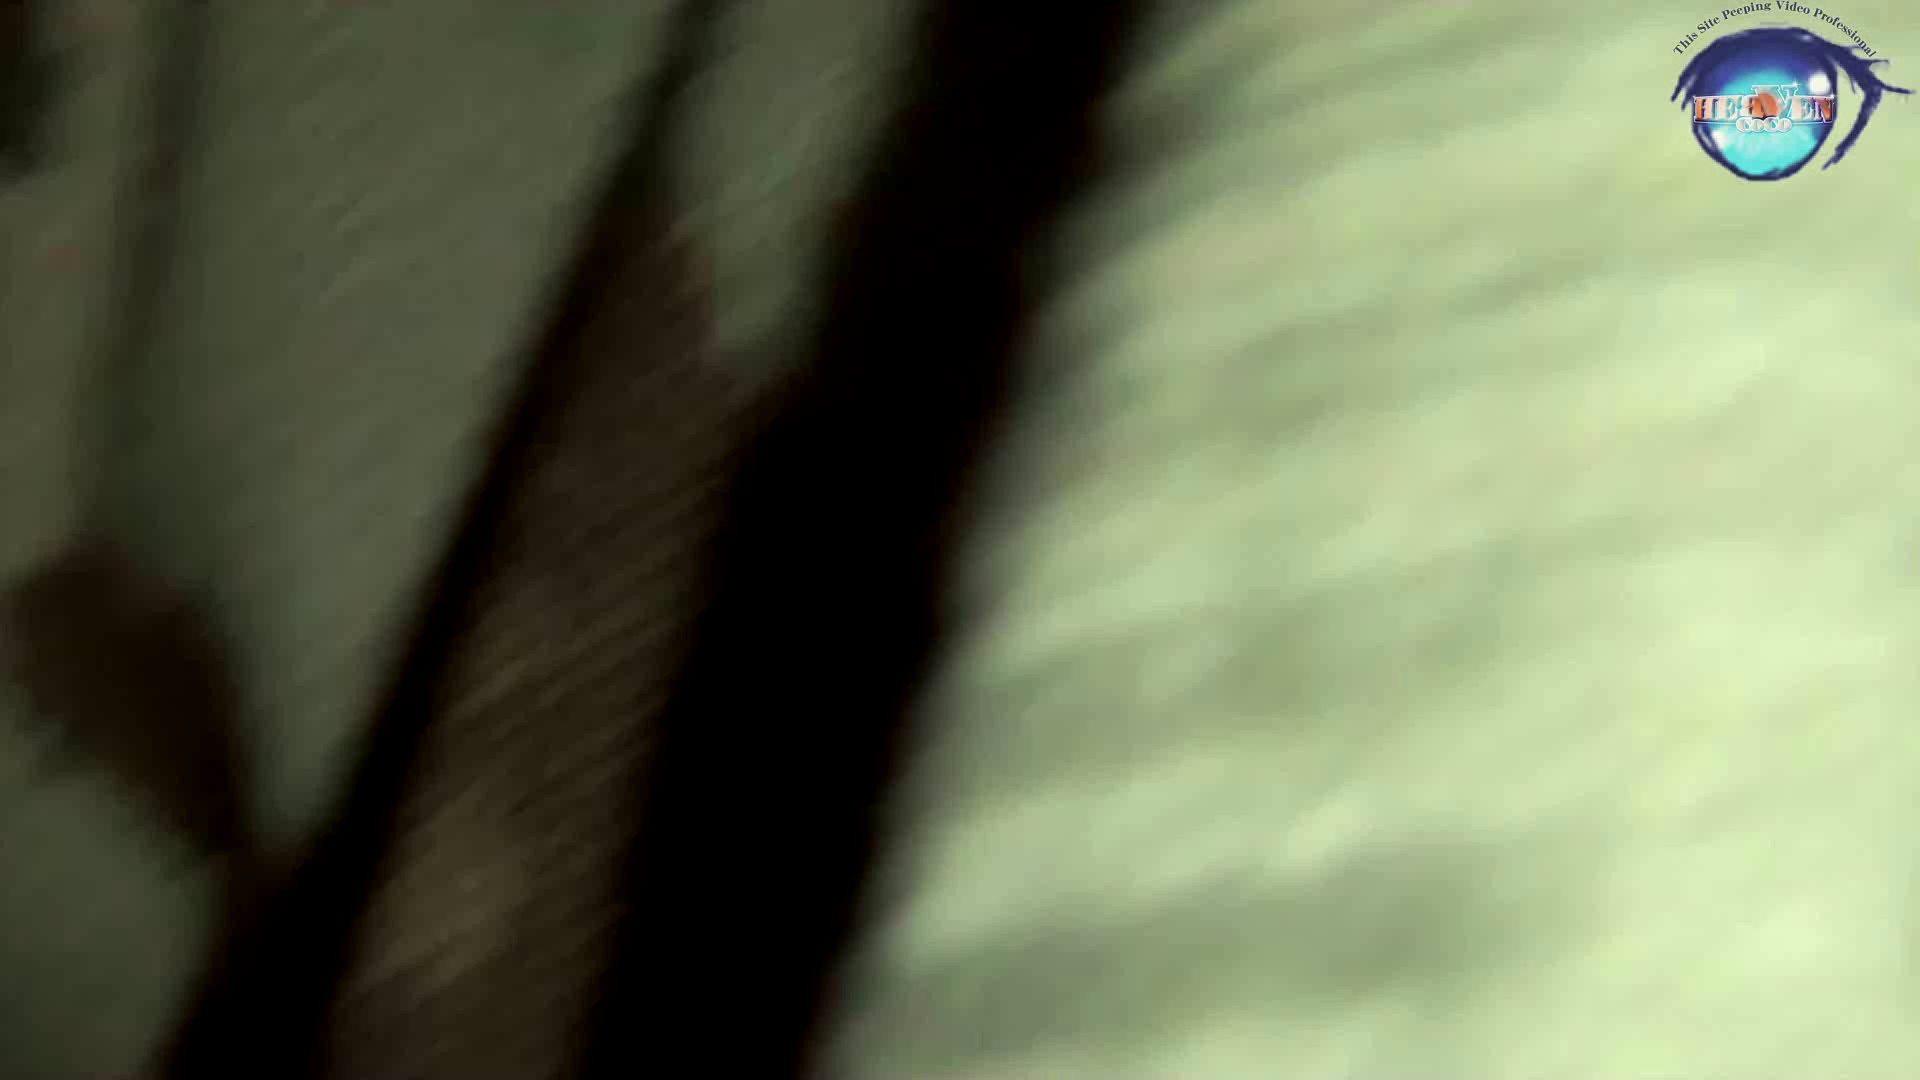 睡魔 シュウライ 第参十話 前半 乳首ポロリ  60画像 44